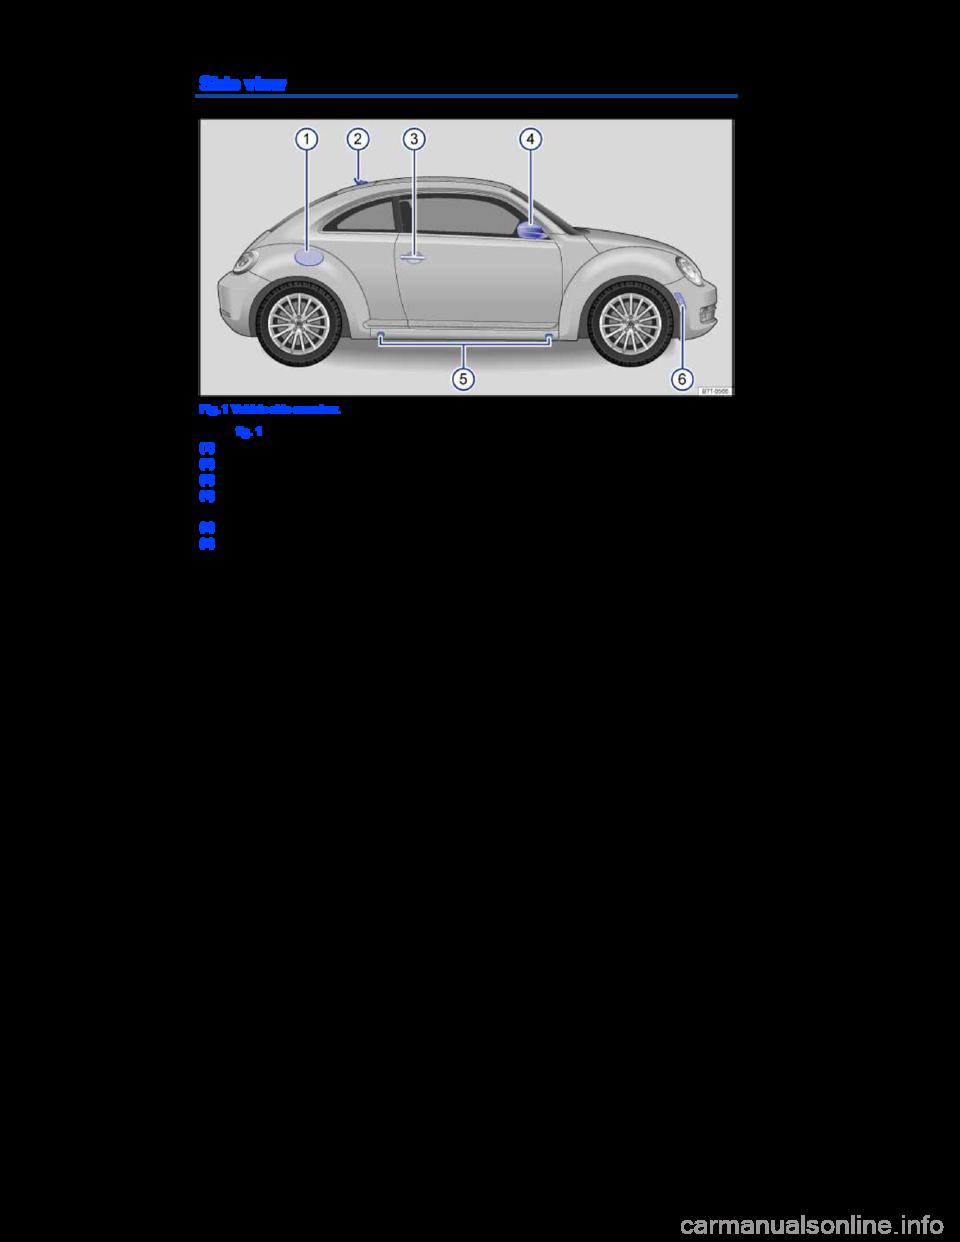 Volkswagen Beetle 2014 3 G Owners Manual border=